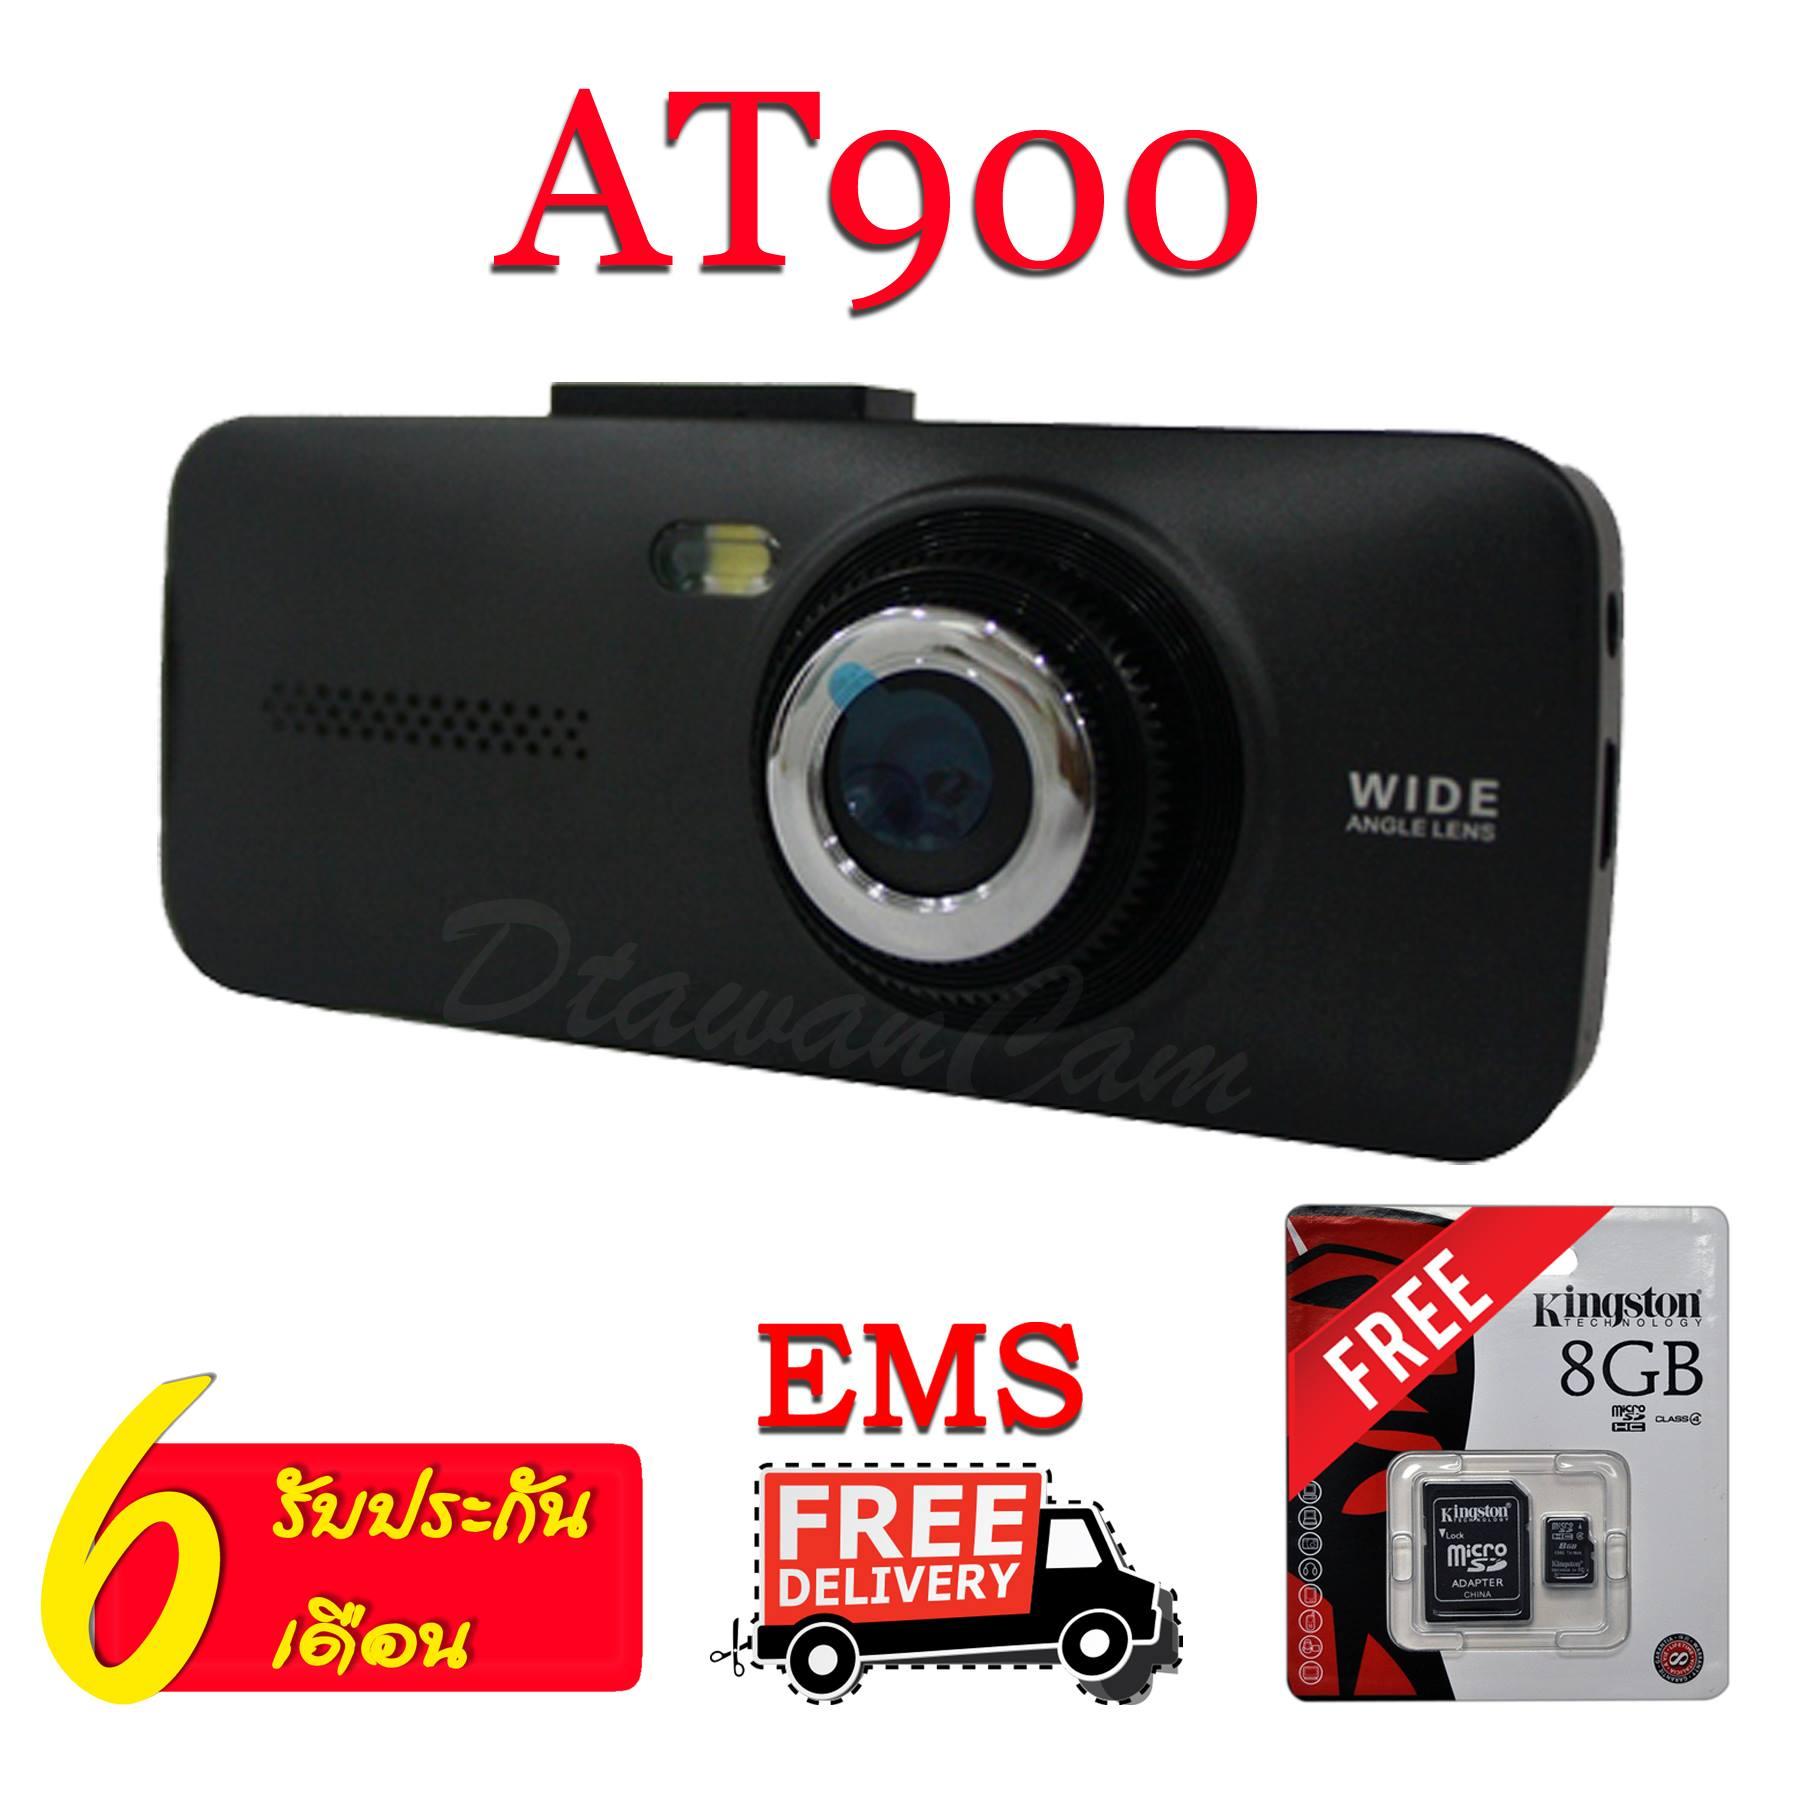 กล้องติดรถยนต์ Anytek AT900 รุ่นท็อปสุดของซีรี่ส์ AT ให้ภาพคมชัดทั้งกลางวันและกลางคืน